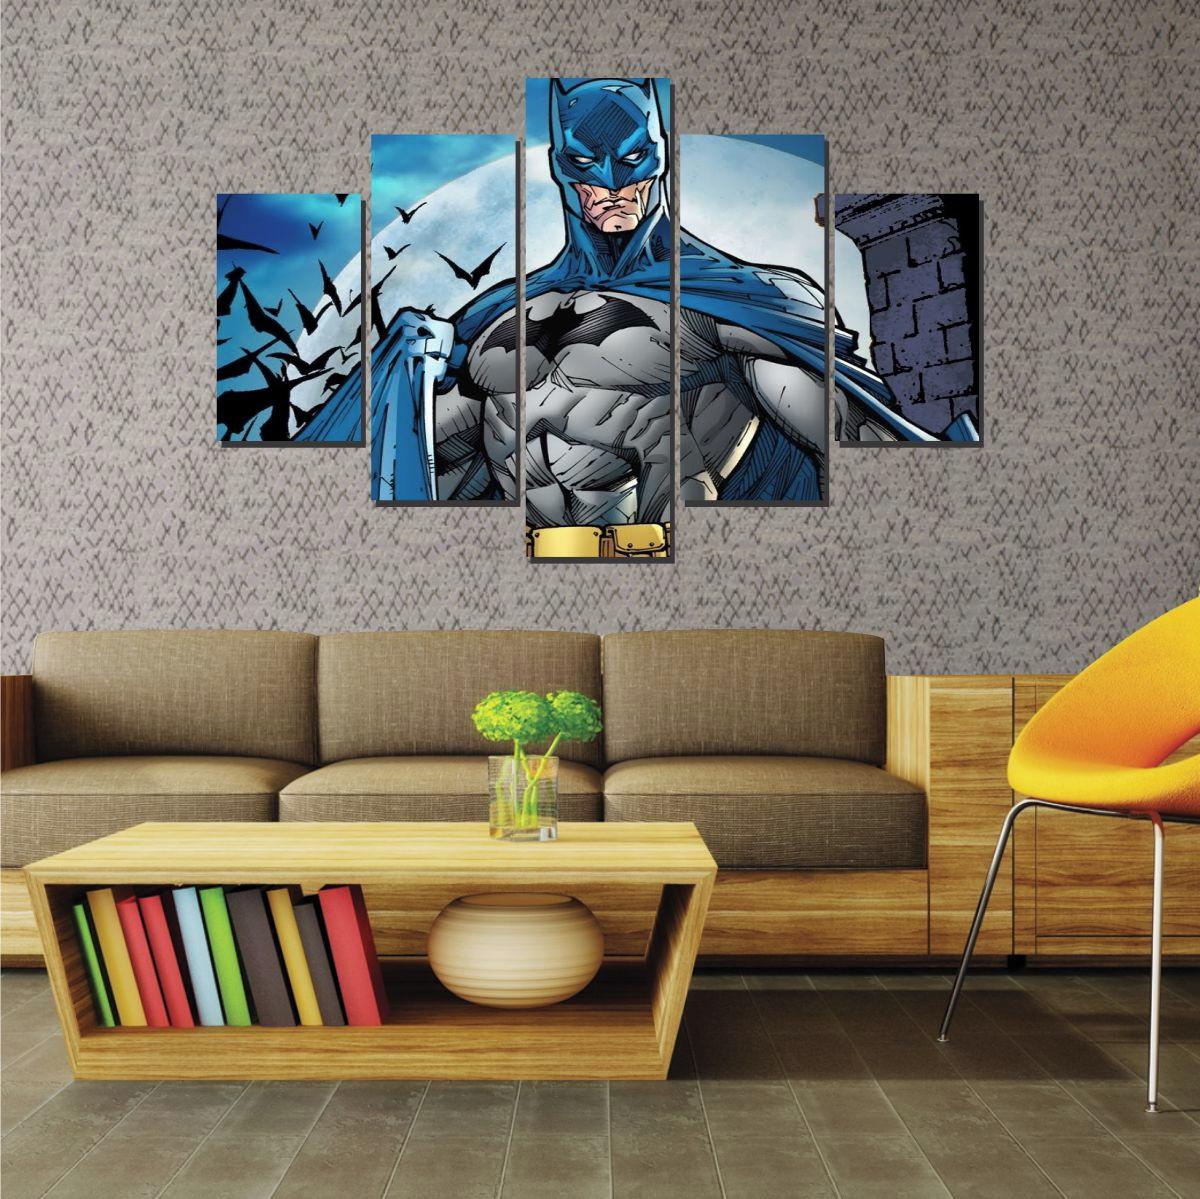 quadro mosaico decorativo batman desenho no elo7 rc papel de